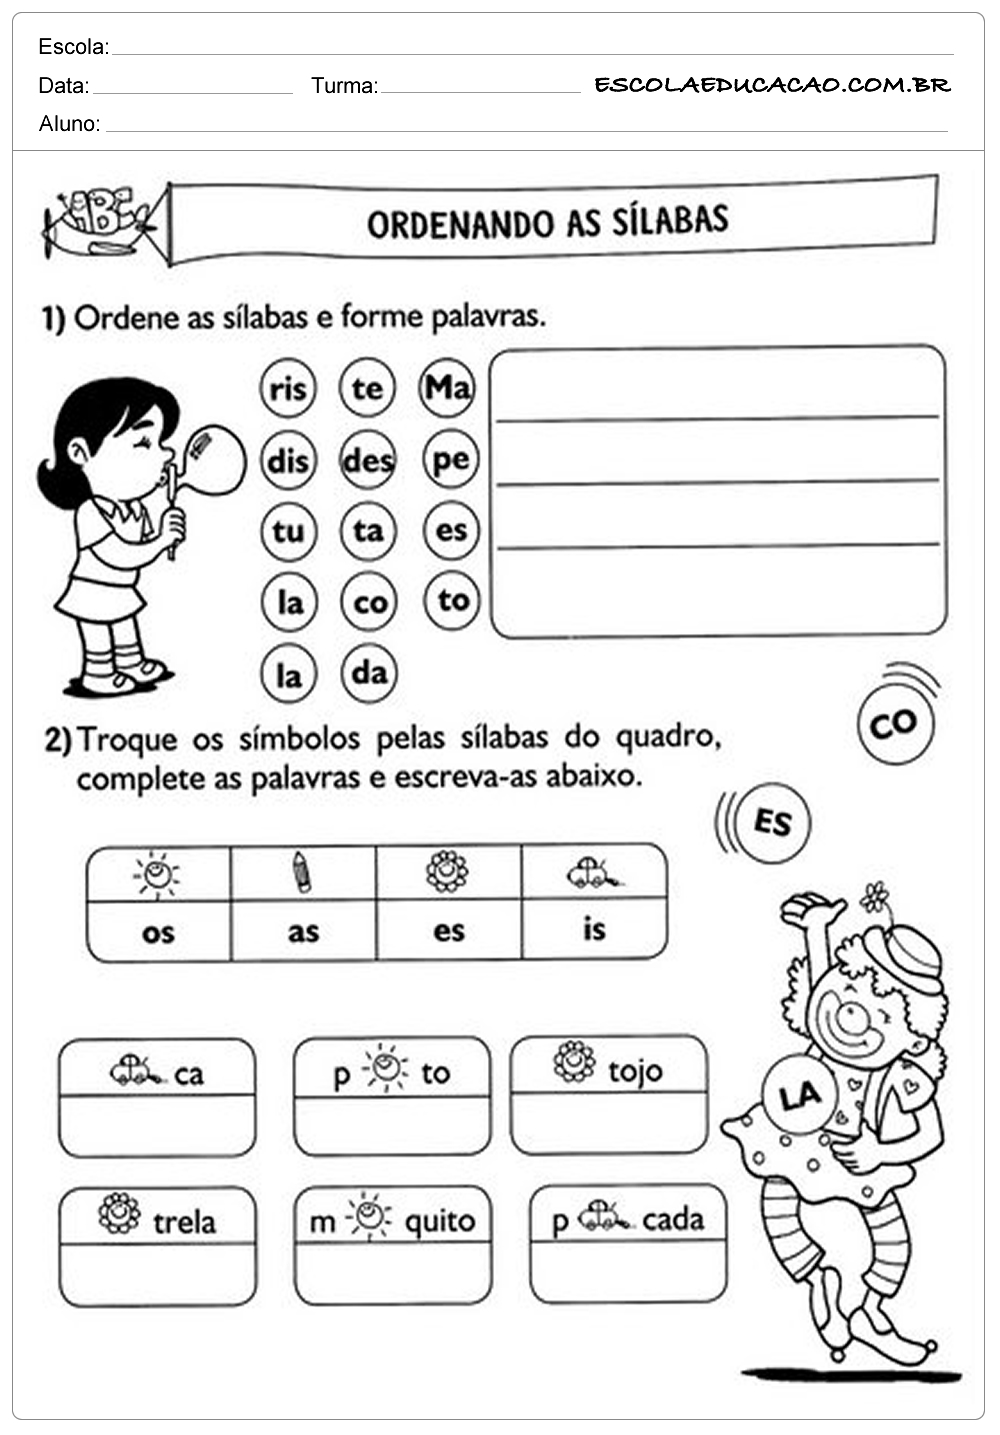 Atividades de Português 2 ano – Ordenando Sílabas